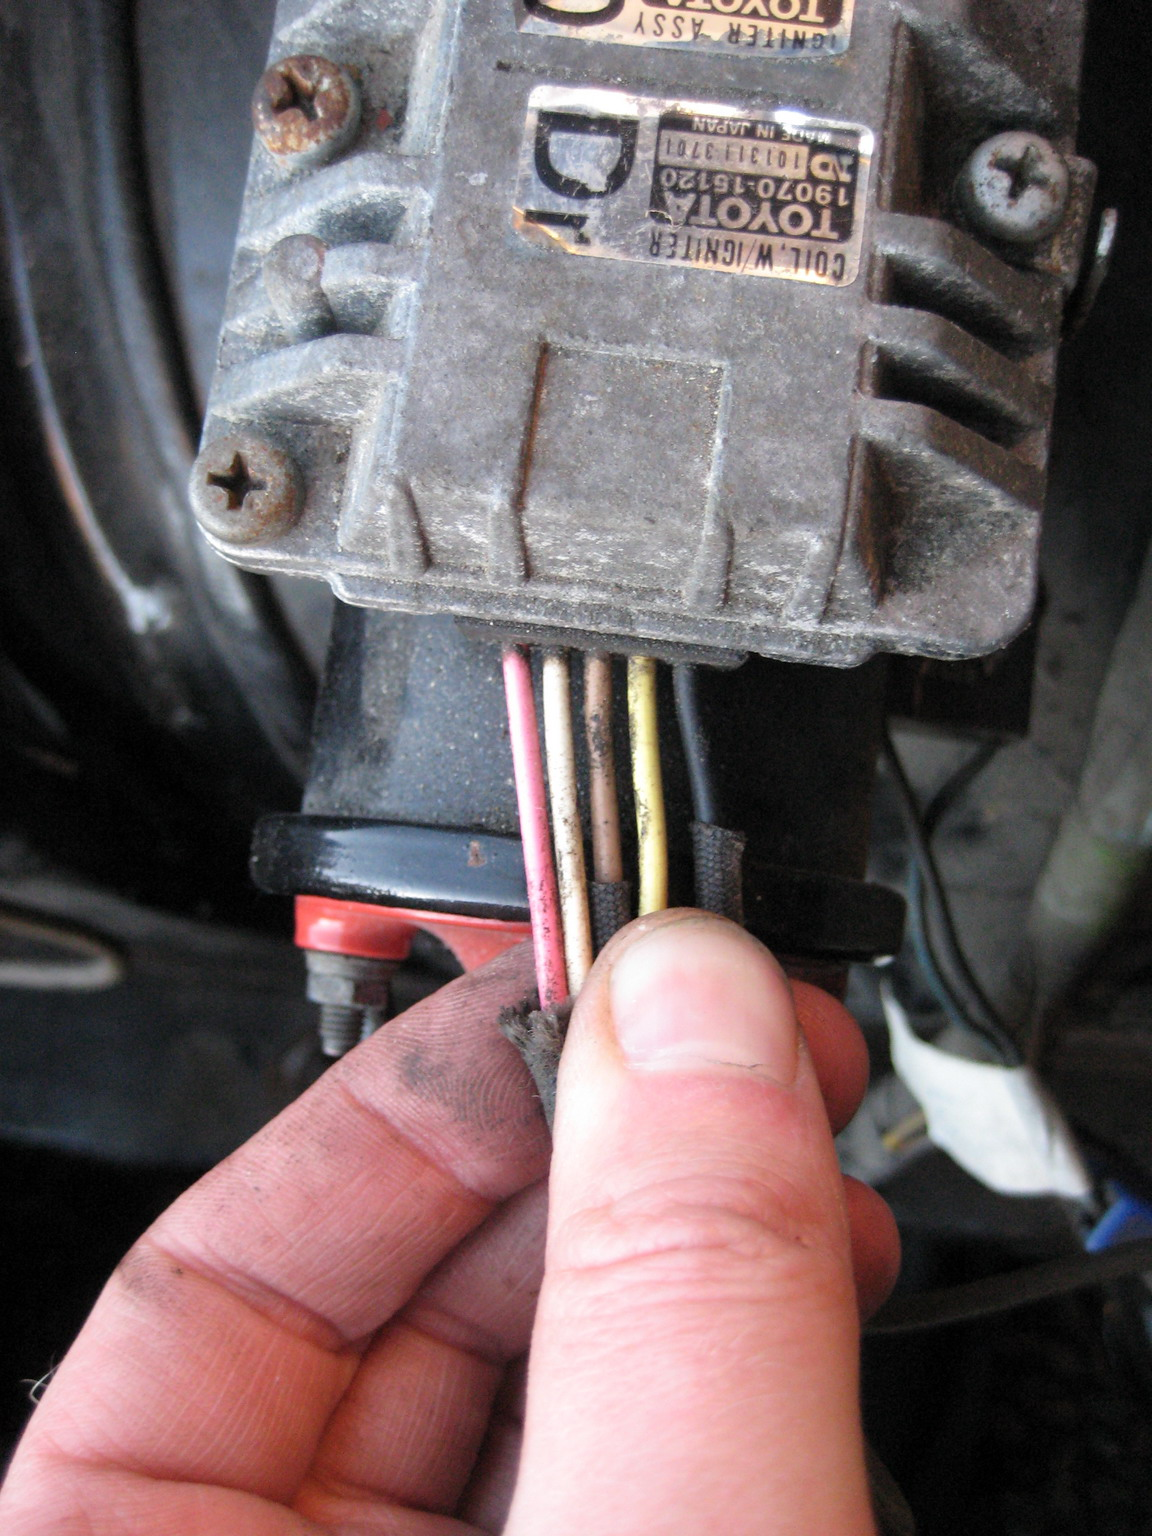 [image: aeu86 ae86 - strange ignition problem]